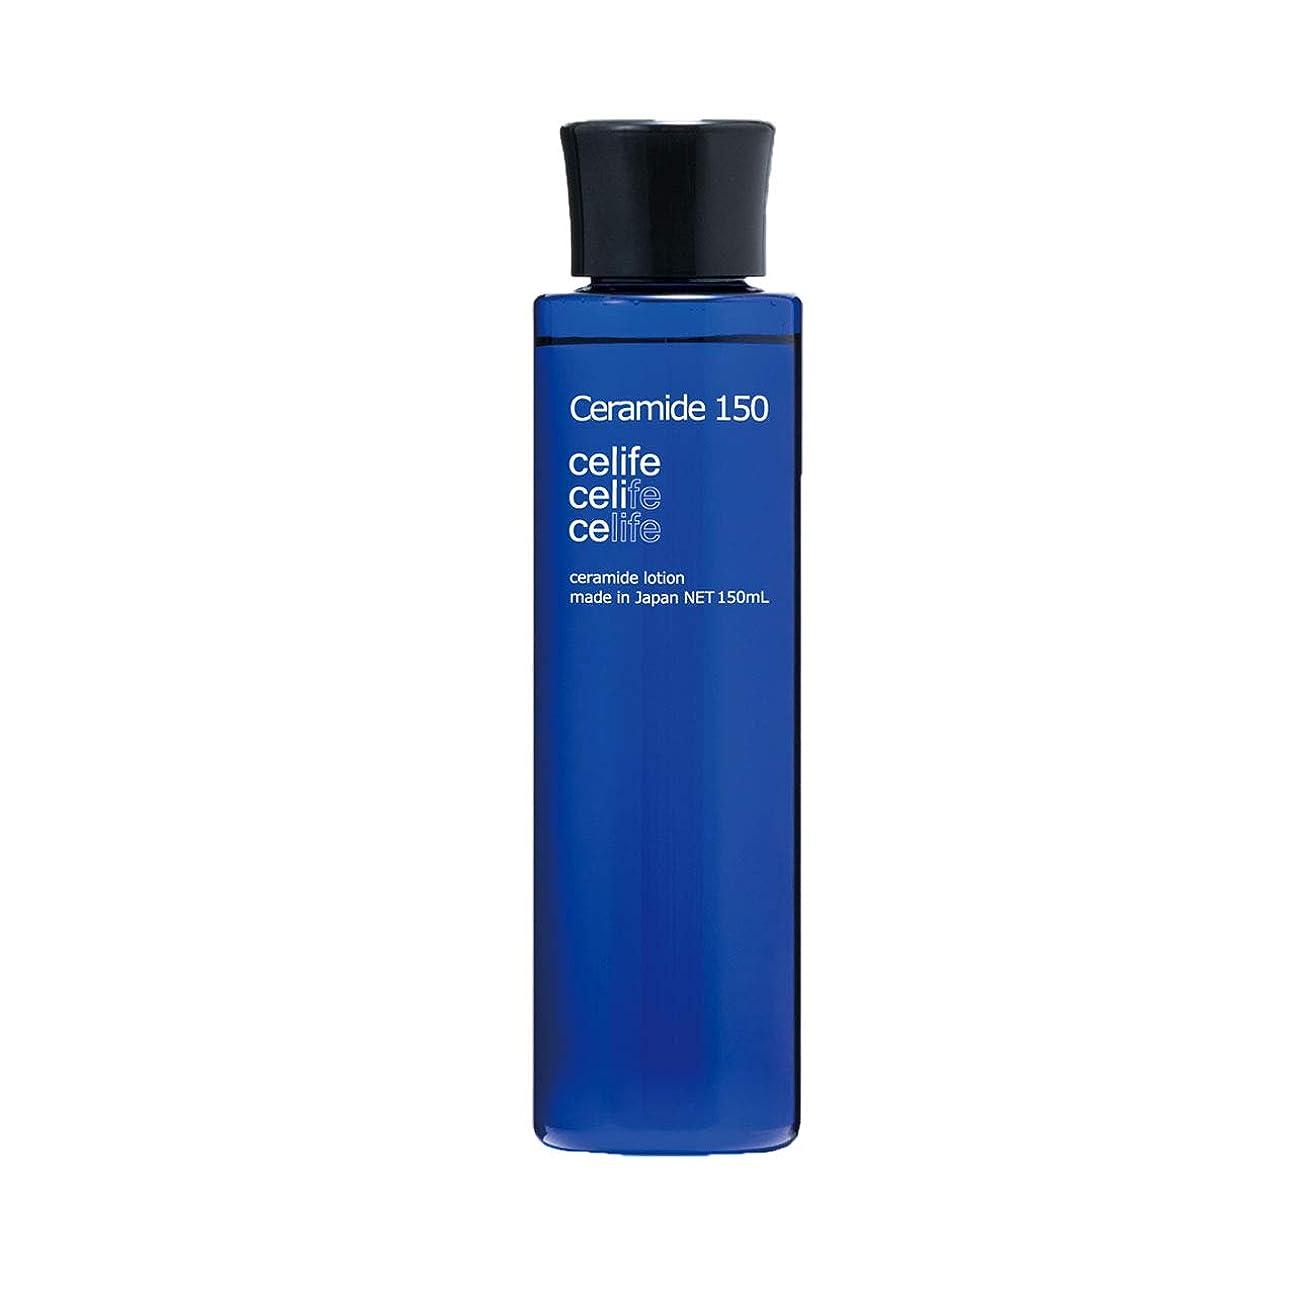 詳細な多様な飛躍celife 天然セラミド配合化粧水 セラミド 150